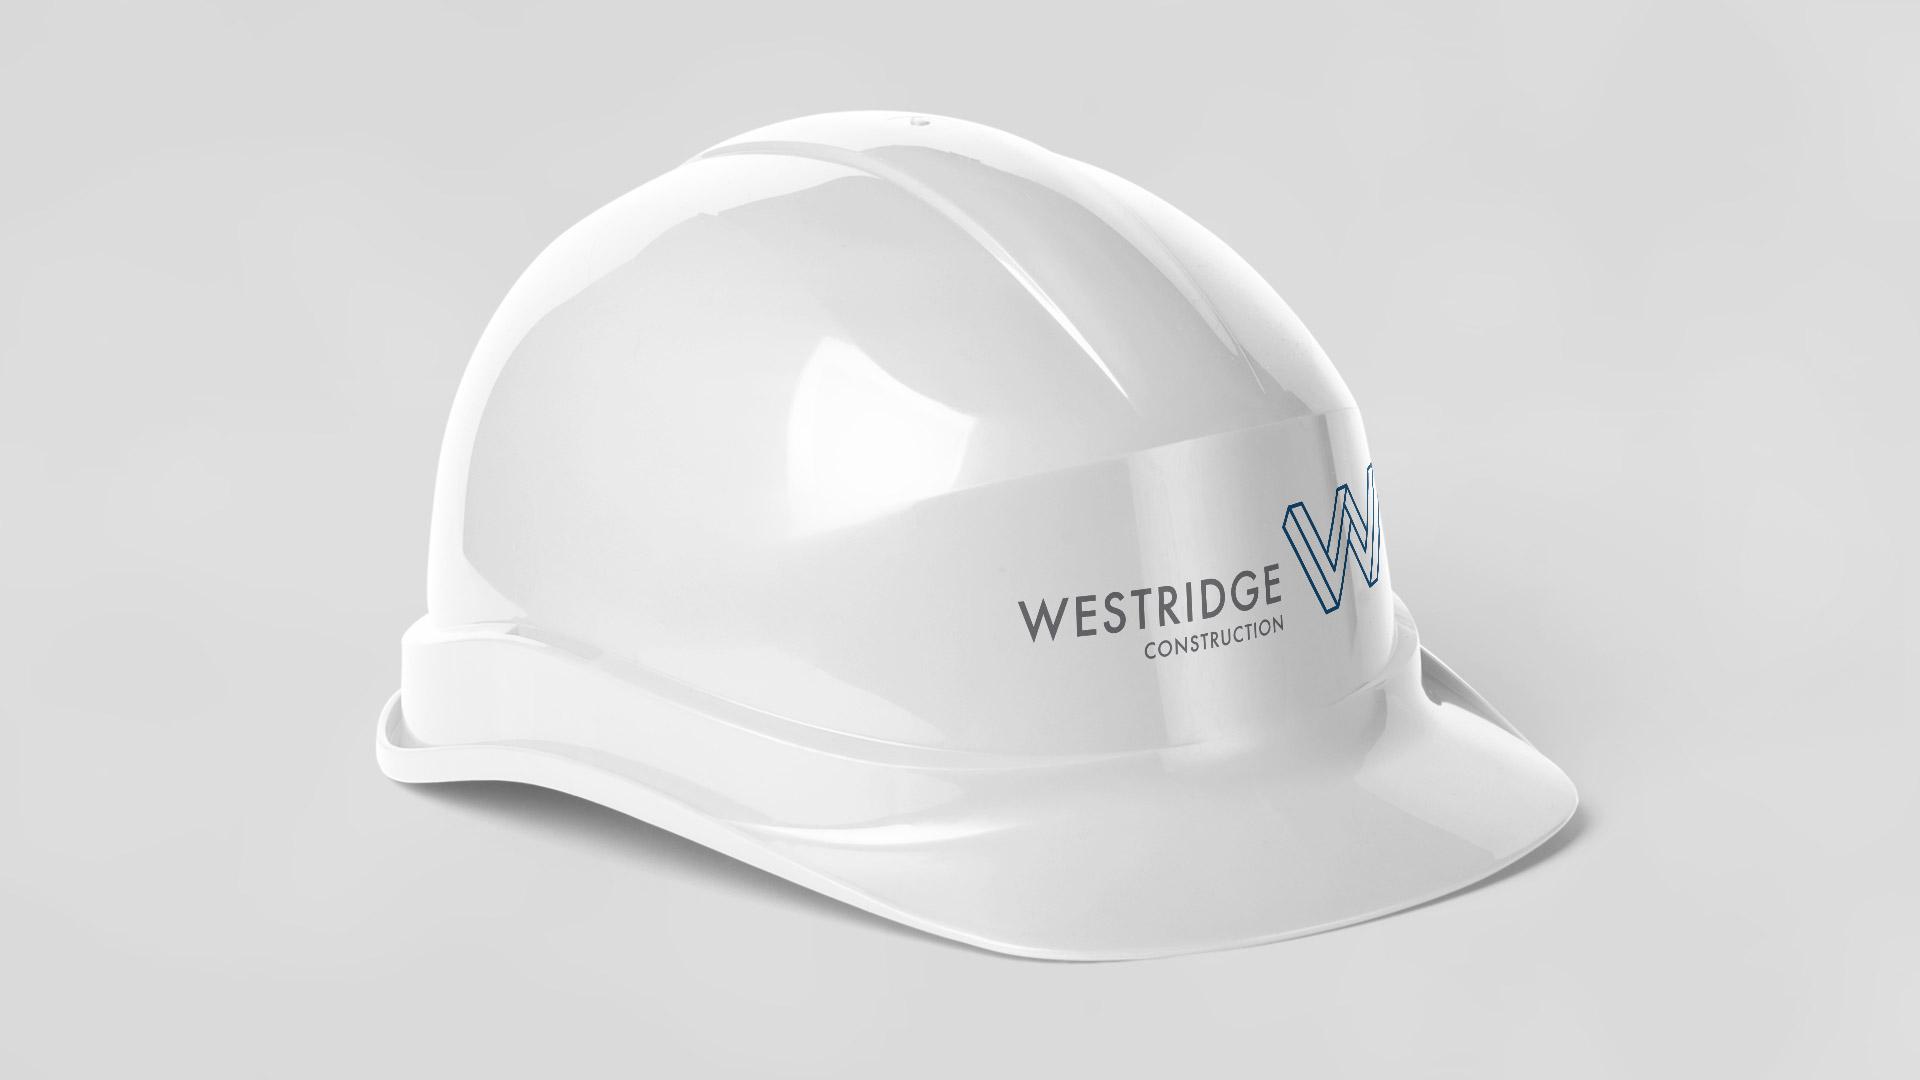 Westridge Image 2